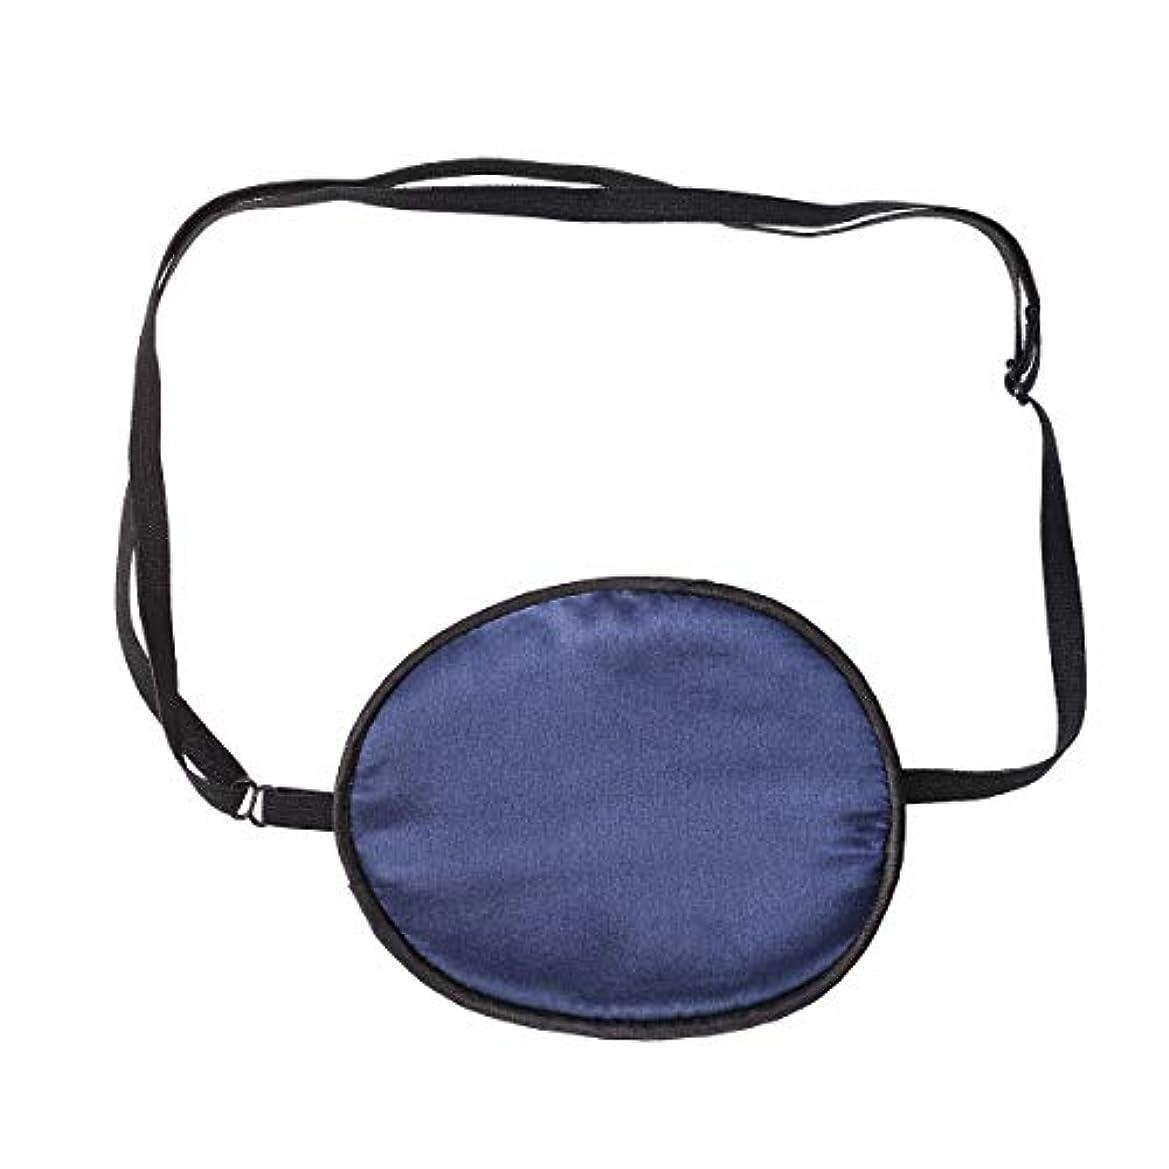 豪華なすぐにシステムSUPVOX シルクアイパッチソフトで心地良い弾力のあるアイパッチ大人のための漏れのない滑らかな目の失明斜視(ネイビー)